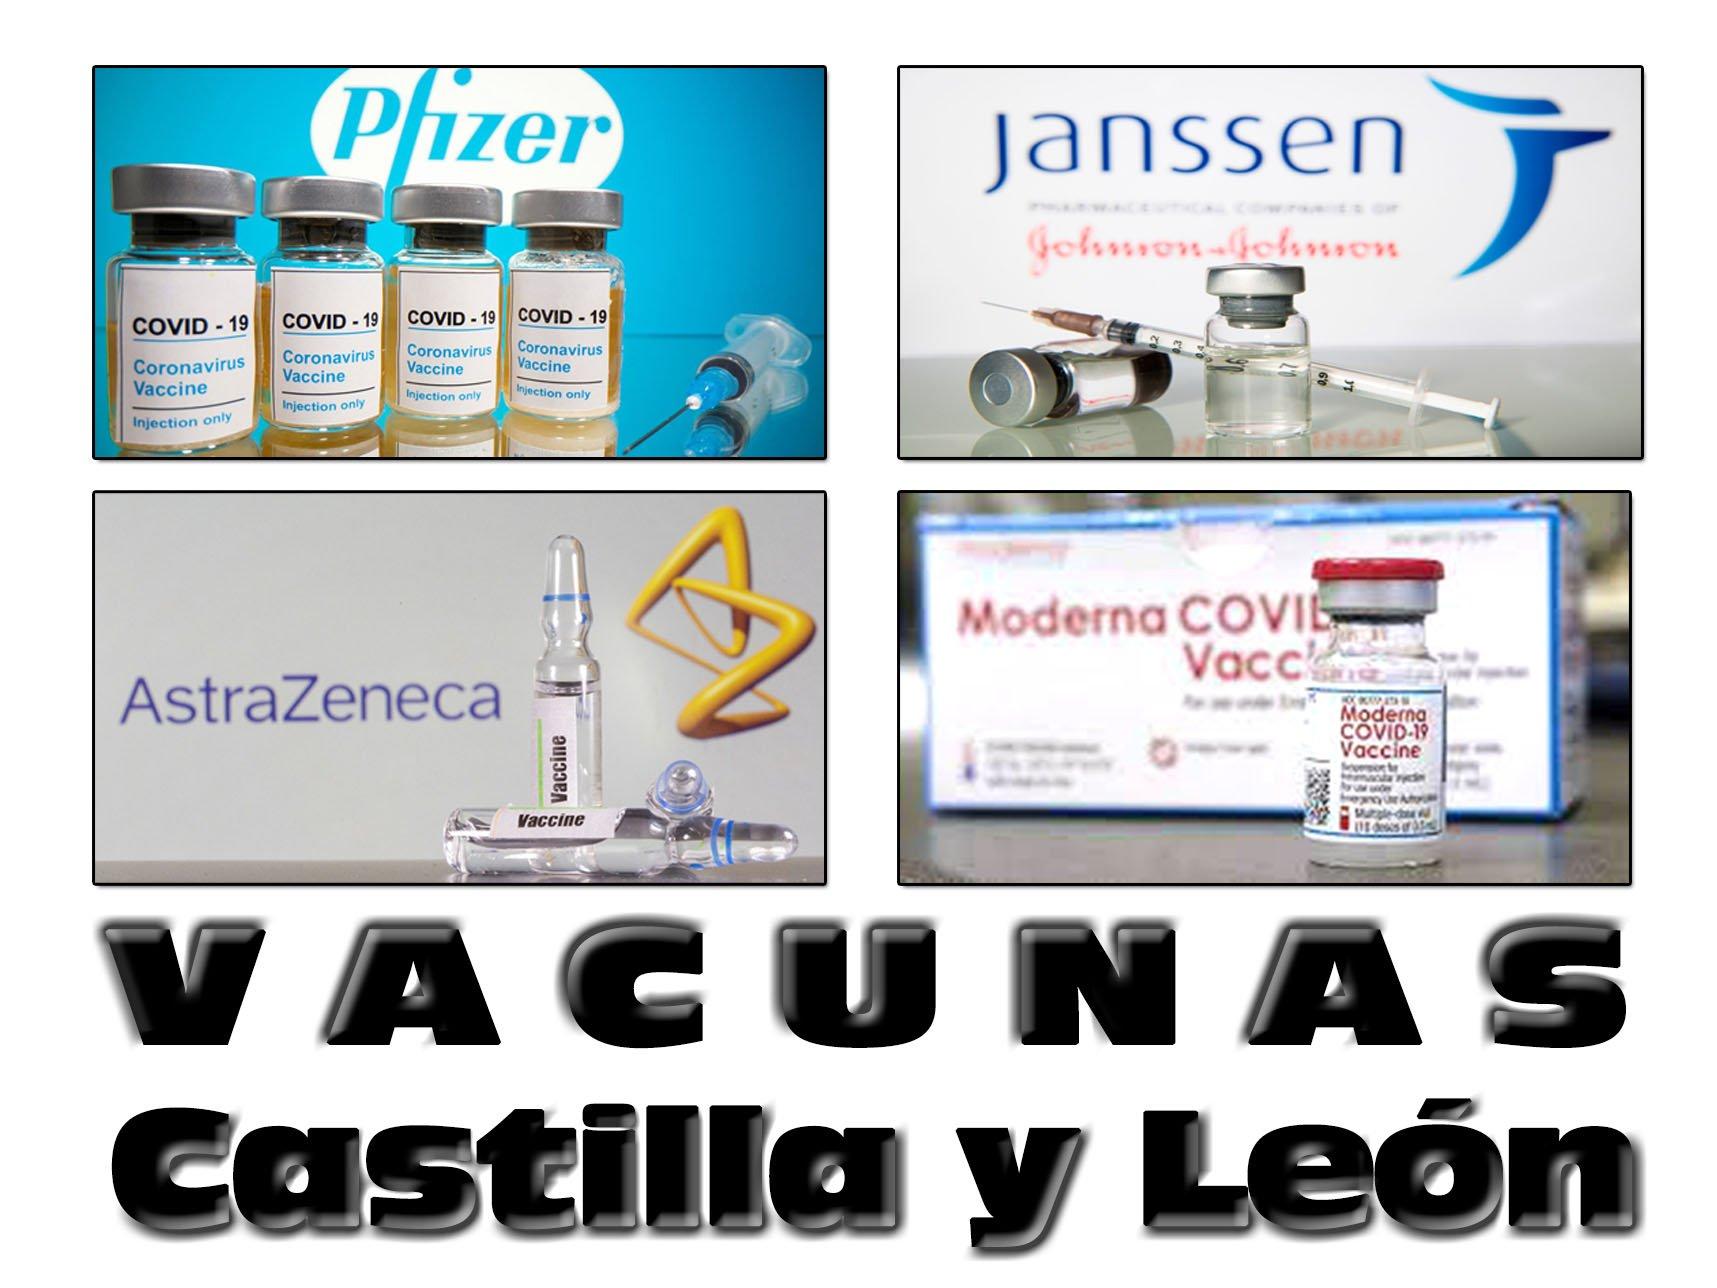 Vacunas COVID-19 recibidas en Castilla y León: Pfizer, Janssen, AstraZeneca y Moderna.